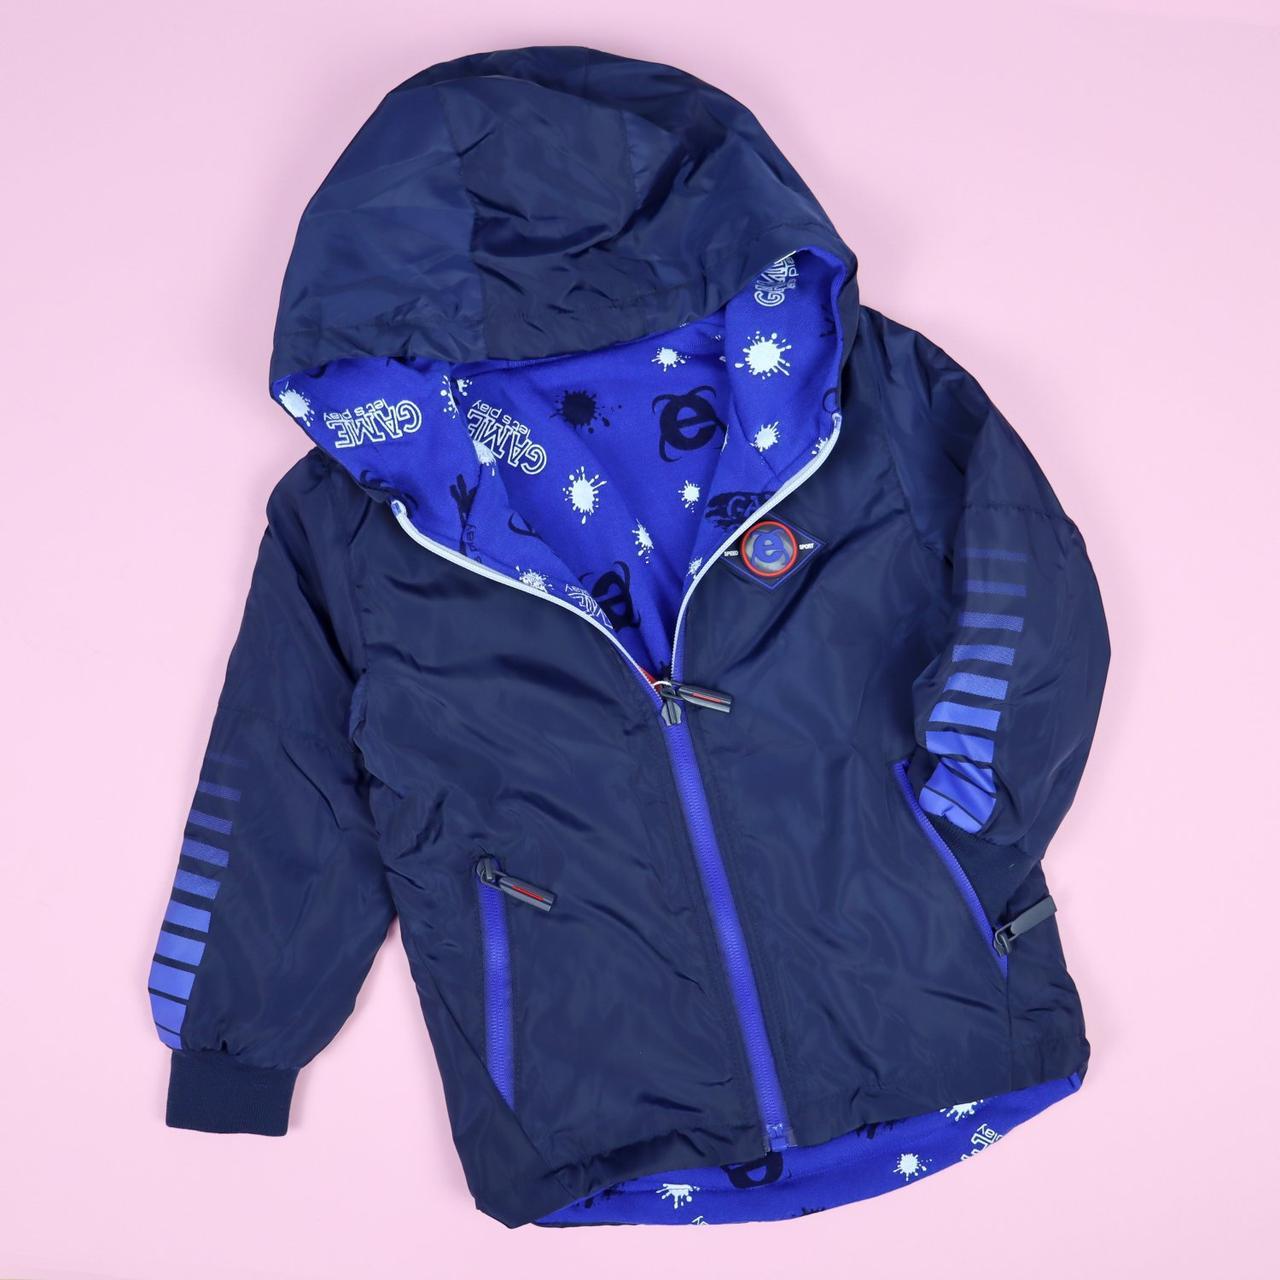 Вітрівка дитяча синя тм SEAGULL розмір 3,4,5 років